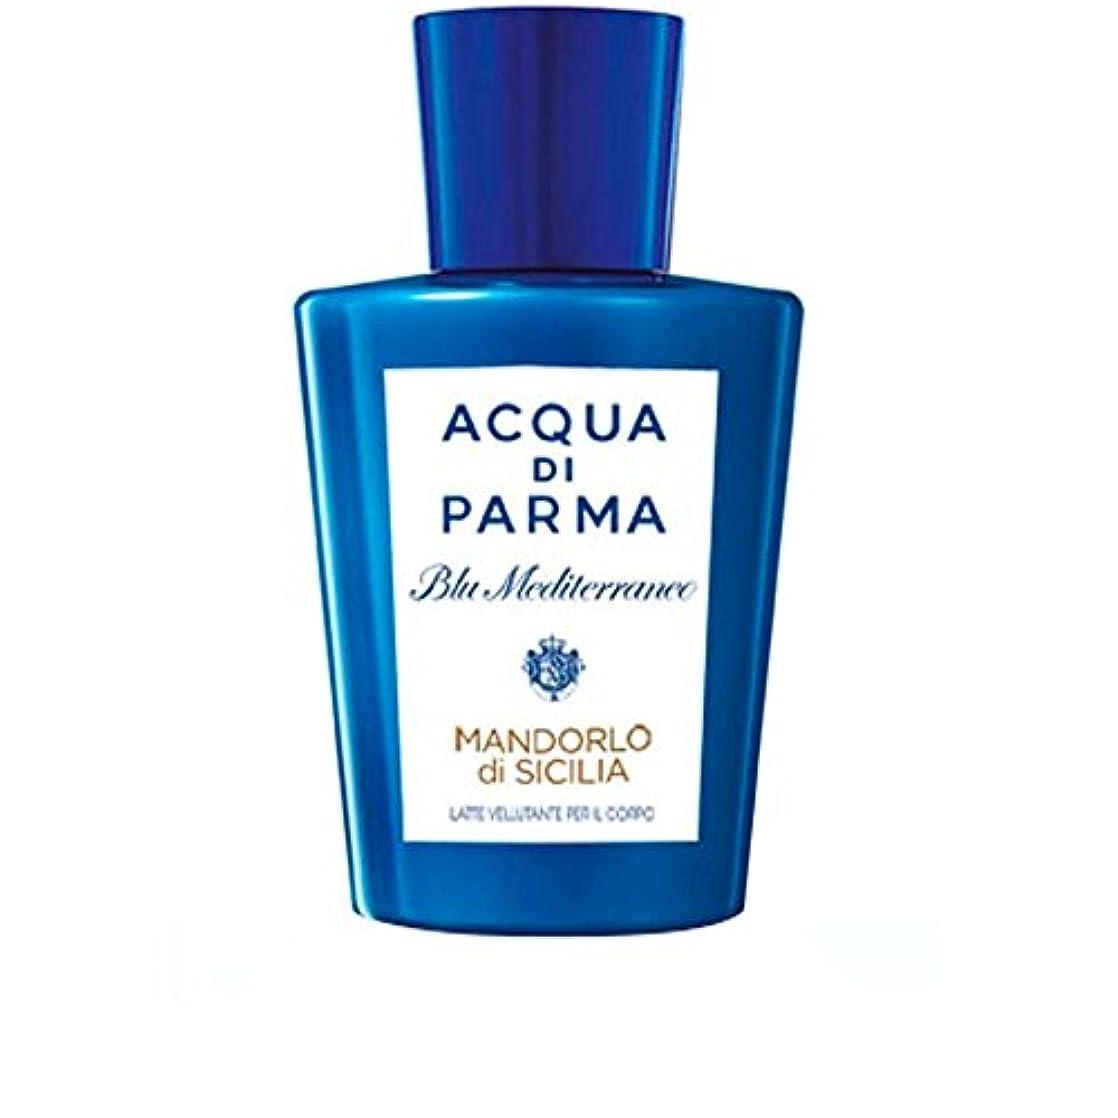 ゆるいピルファー運動するAcqua Di Parma Mandorlo Di Sicilia Pampering Body Lotion 200ml (Pack of 6) - アクアディパルママンドルロ?ディ?シチリア至福のボディローション200...